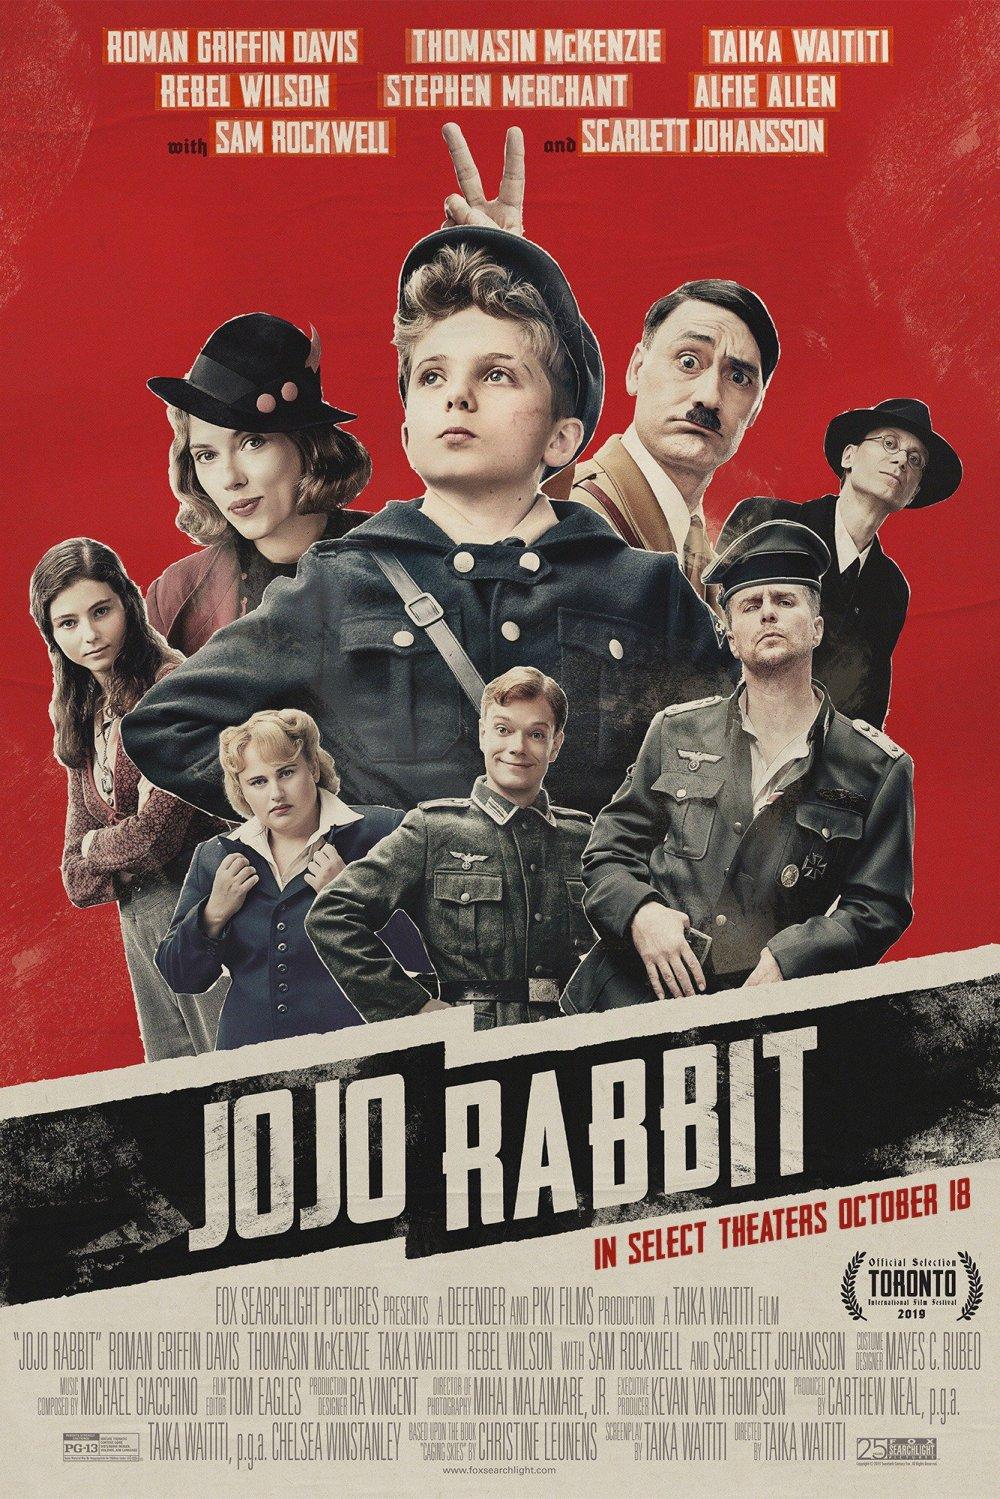 jo jo rabbit_